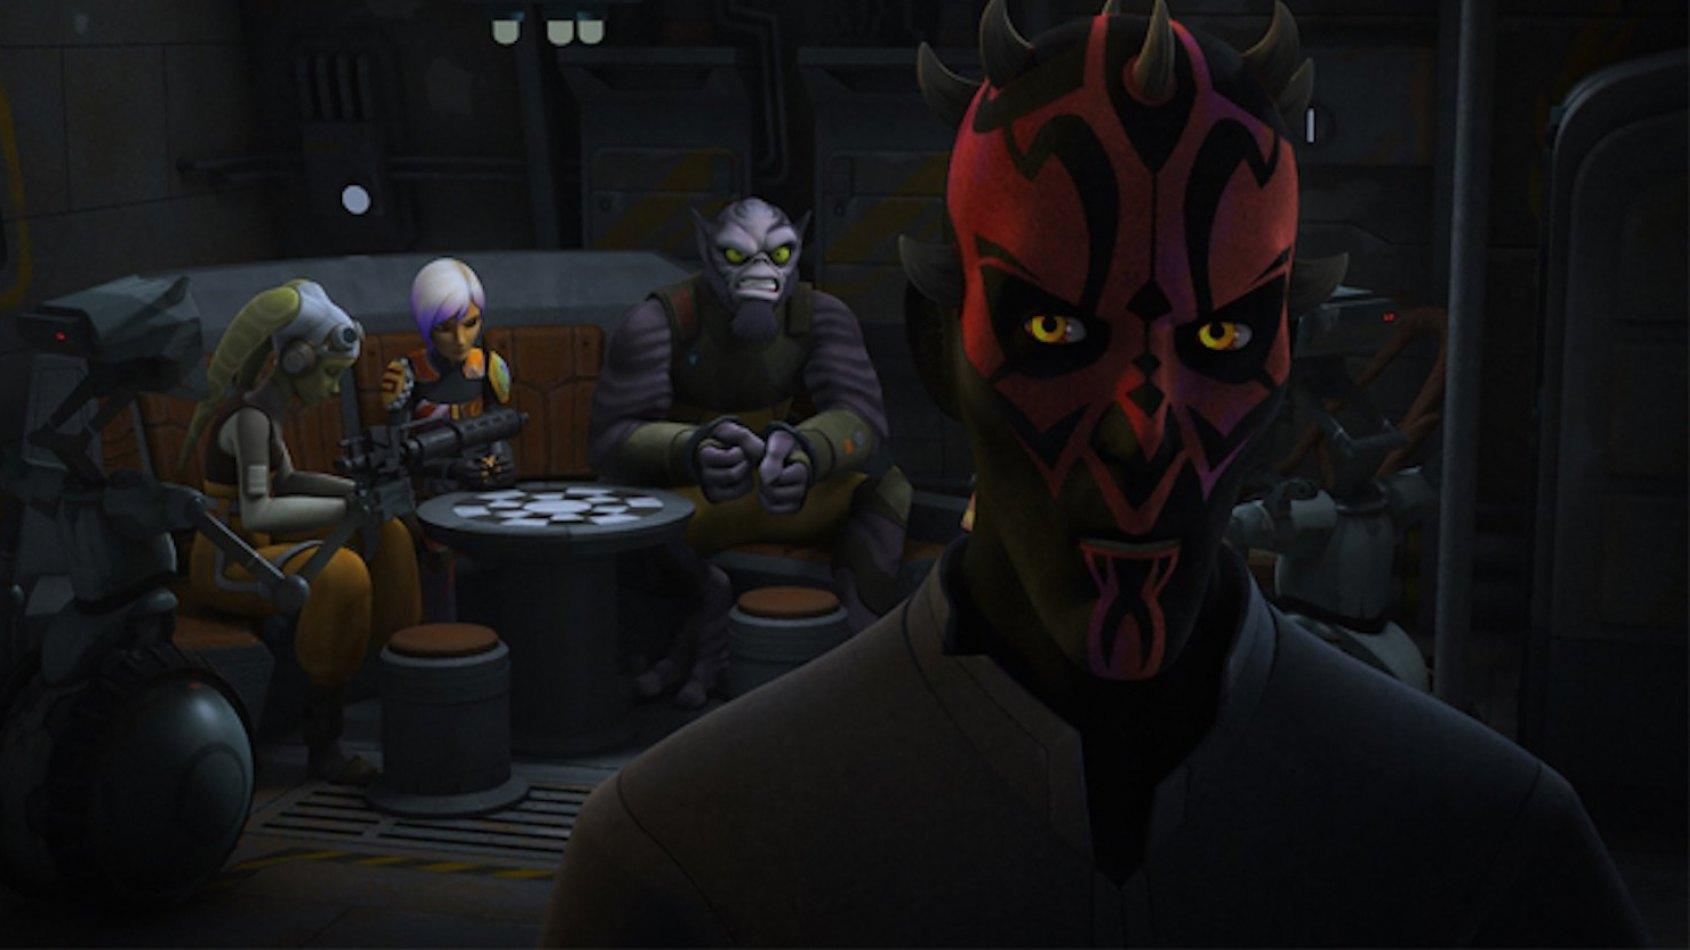 Extrait de l'�pisode The Holocrons of Fate de Star Wars Rebels